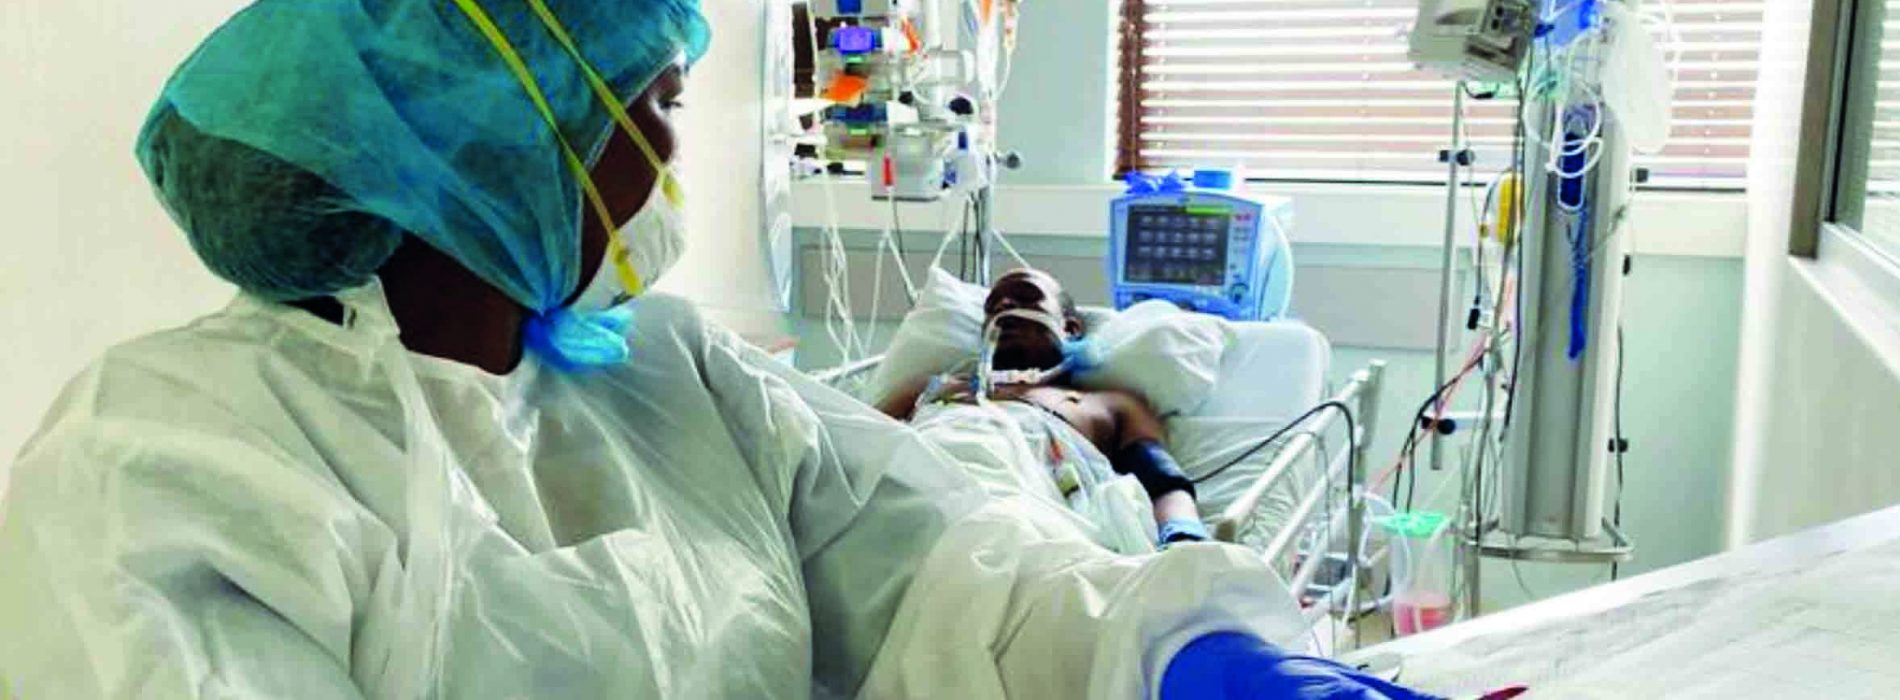 Fear grips nurses